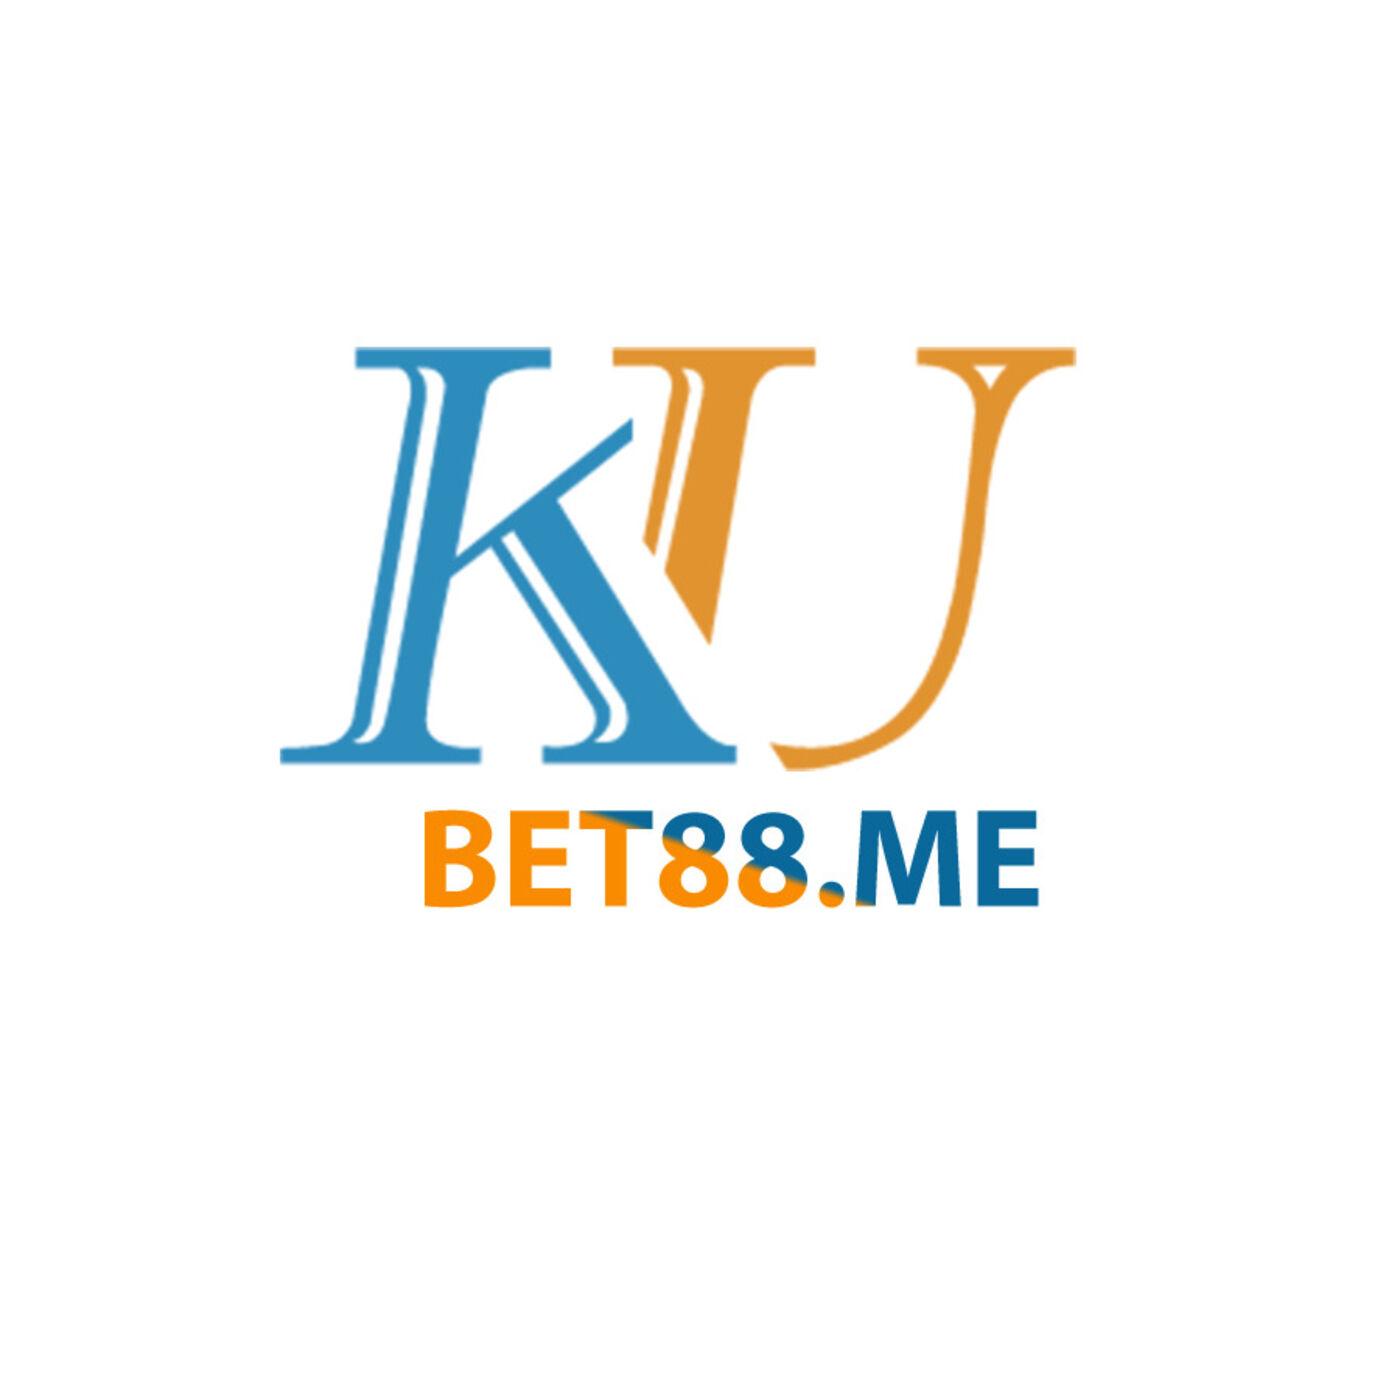 Game casino online hay tai Kubet